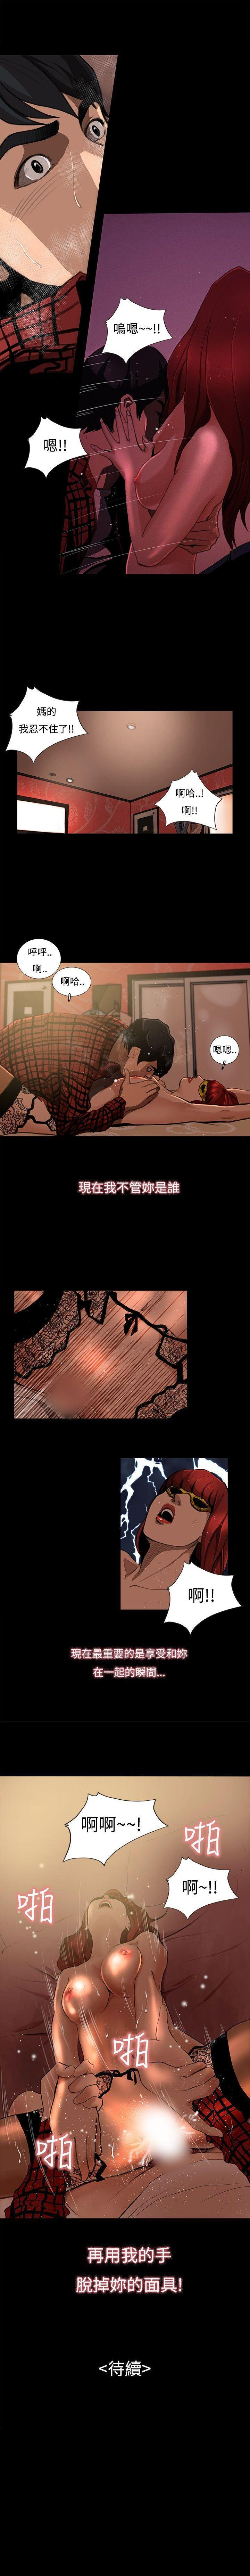 戀愛大排檔 1-16 10